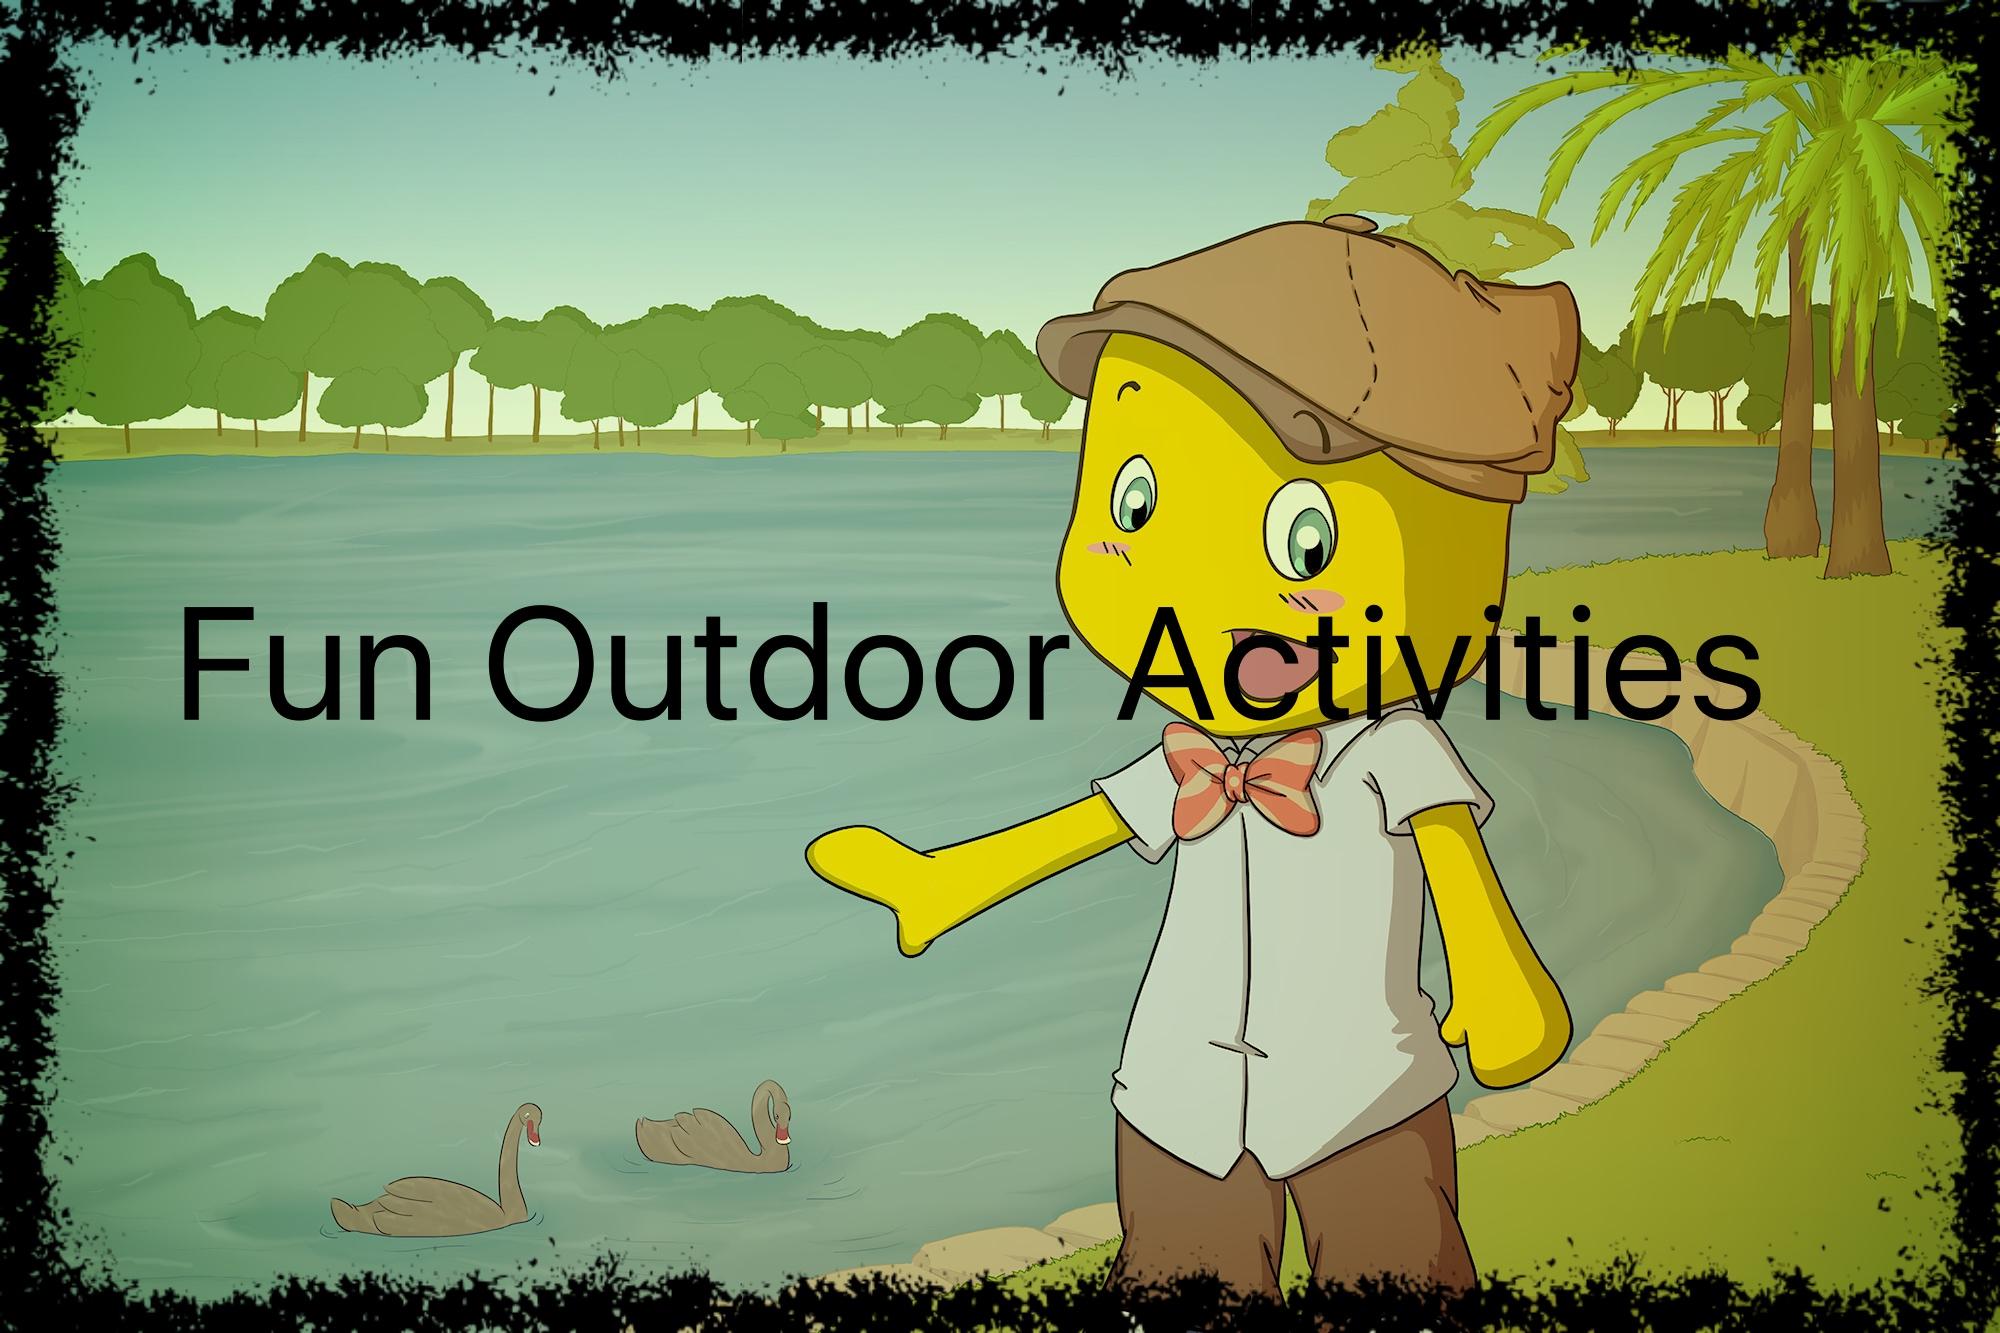 Fun Outdoor Activities